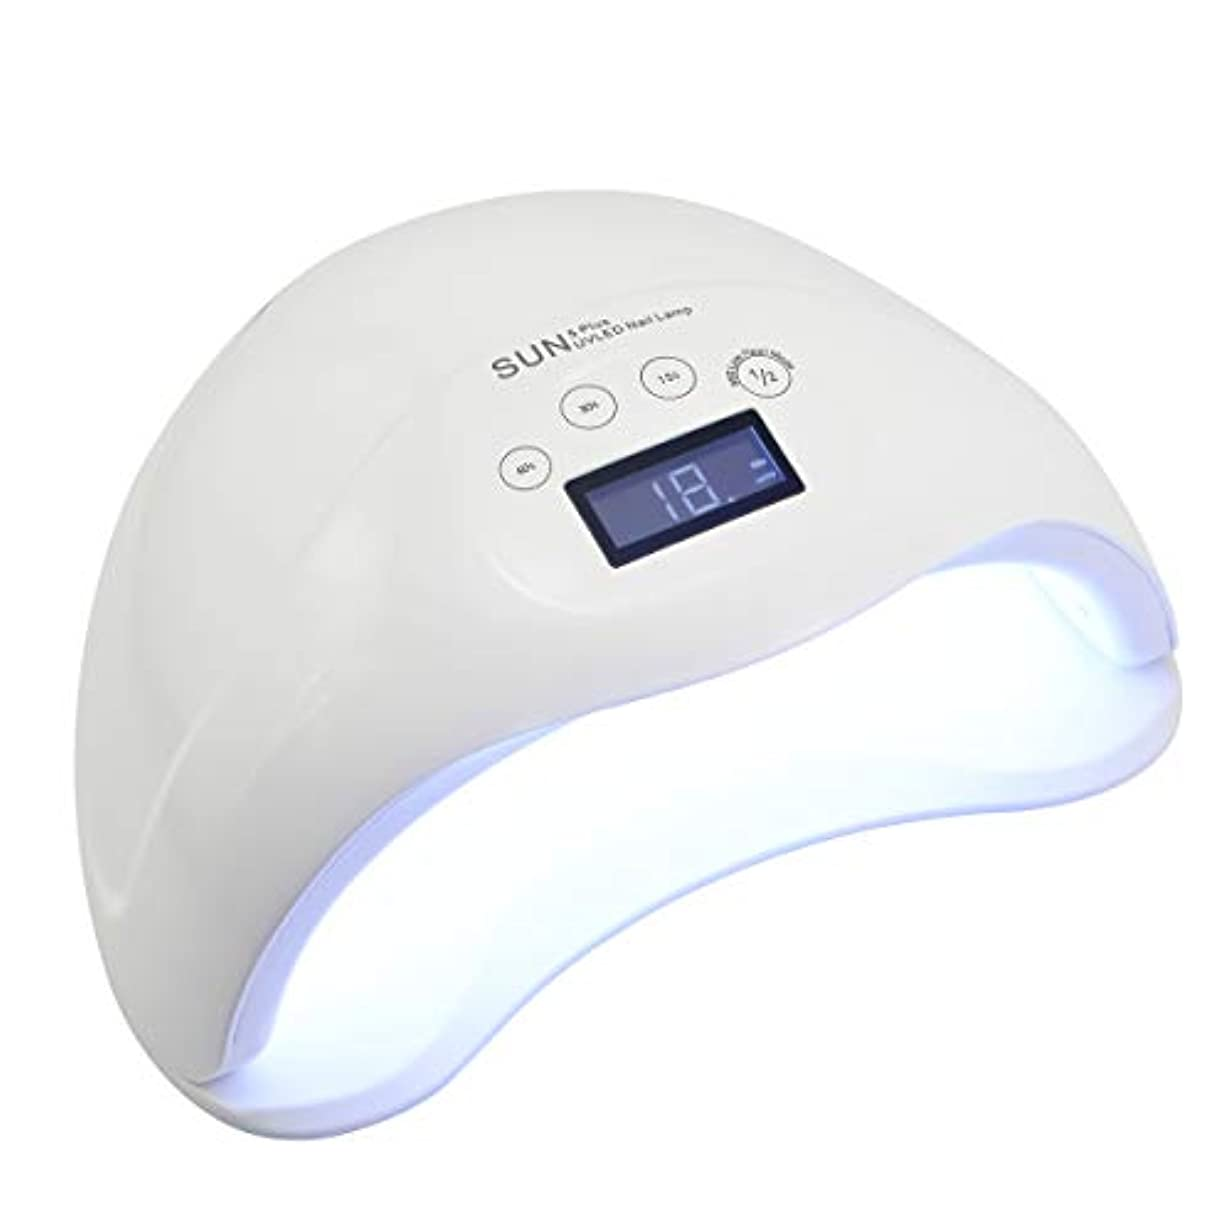 クリップ蝶小屋吸収するネイルドライヤー kawakawa 硬化ライト 48W UV/LEDライト 高速硬化 自動センサー マニキュア ジェルネイル用 4段階タイマー 赤外線検知(ホワイト) 日本語取扱説明書付き